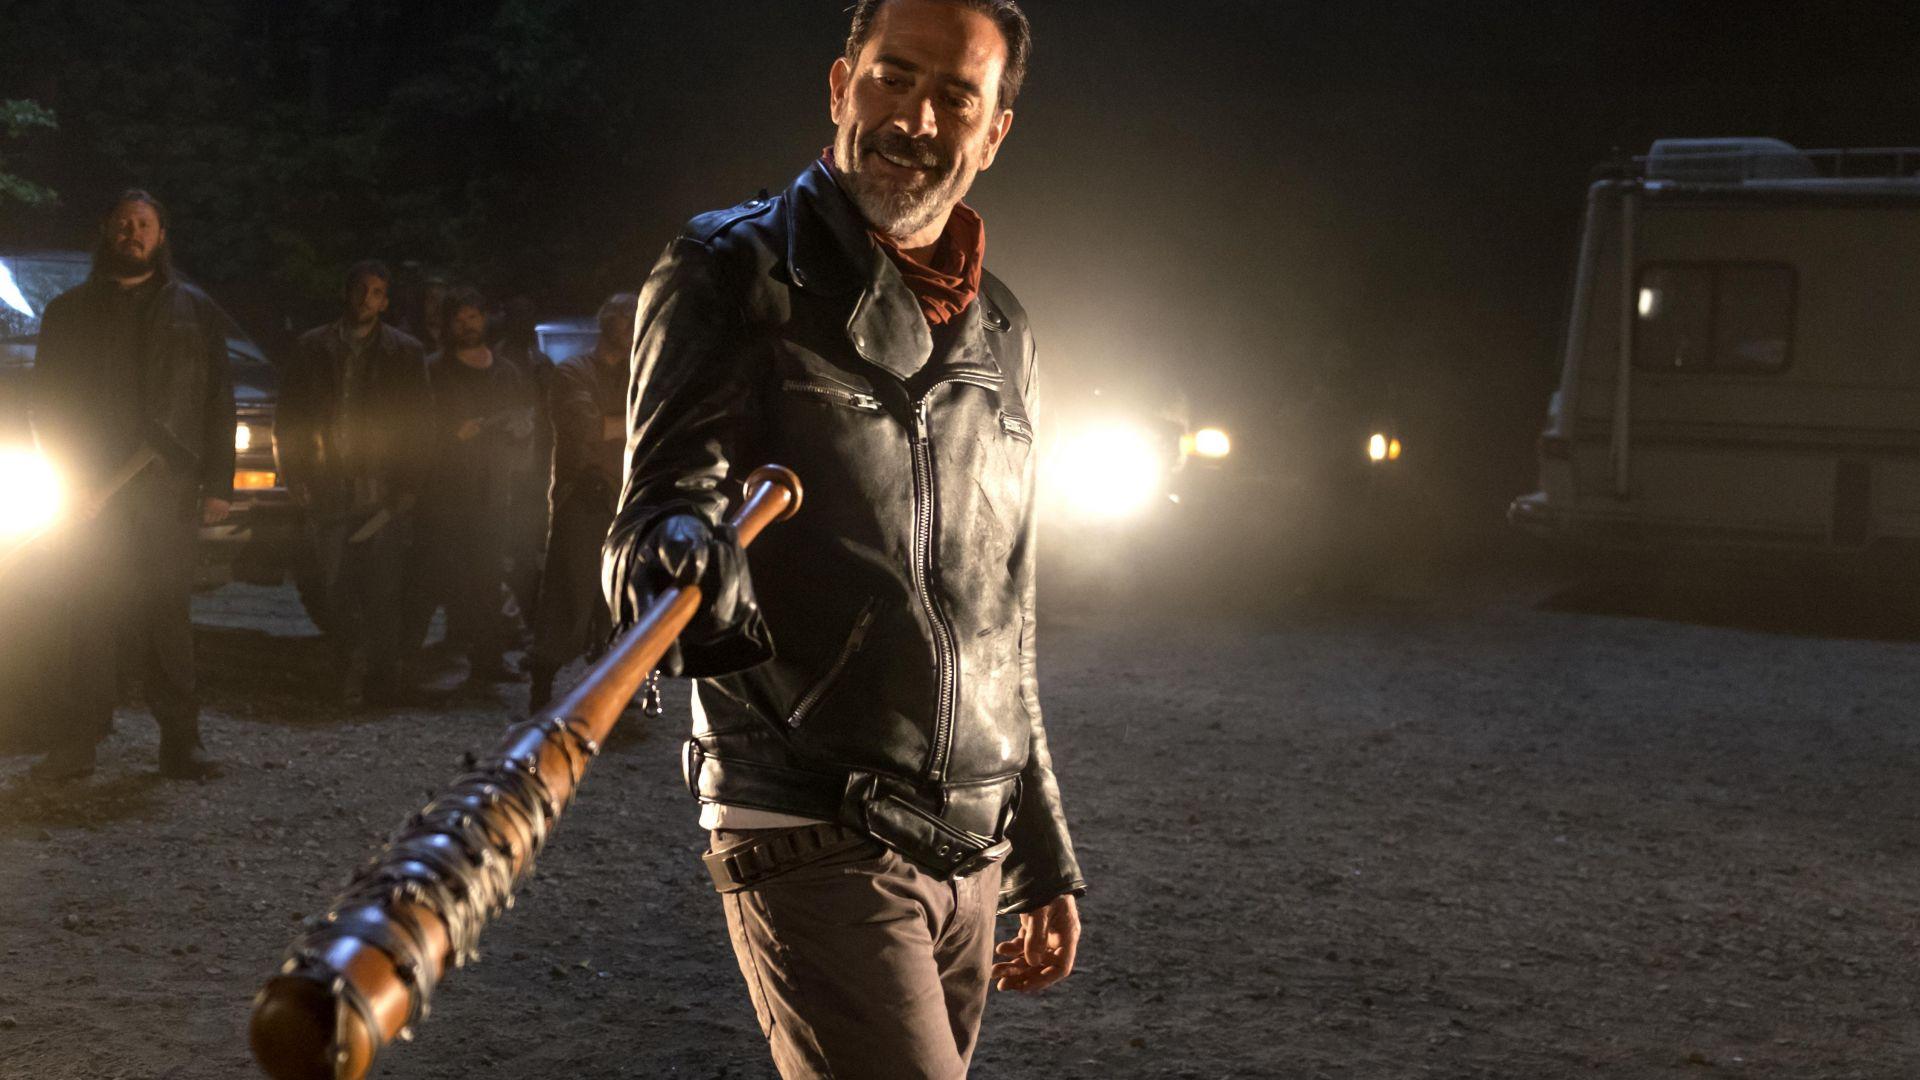 Wallpaper Jeffrey Dean Morgan in The Walking Dead season 7 TV series